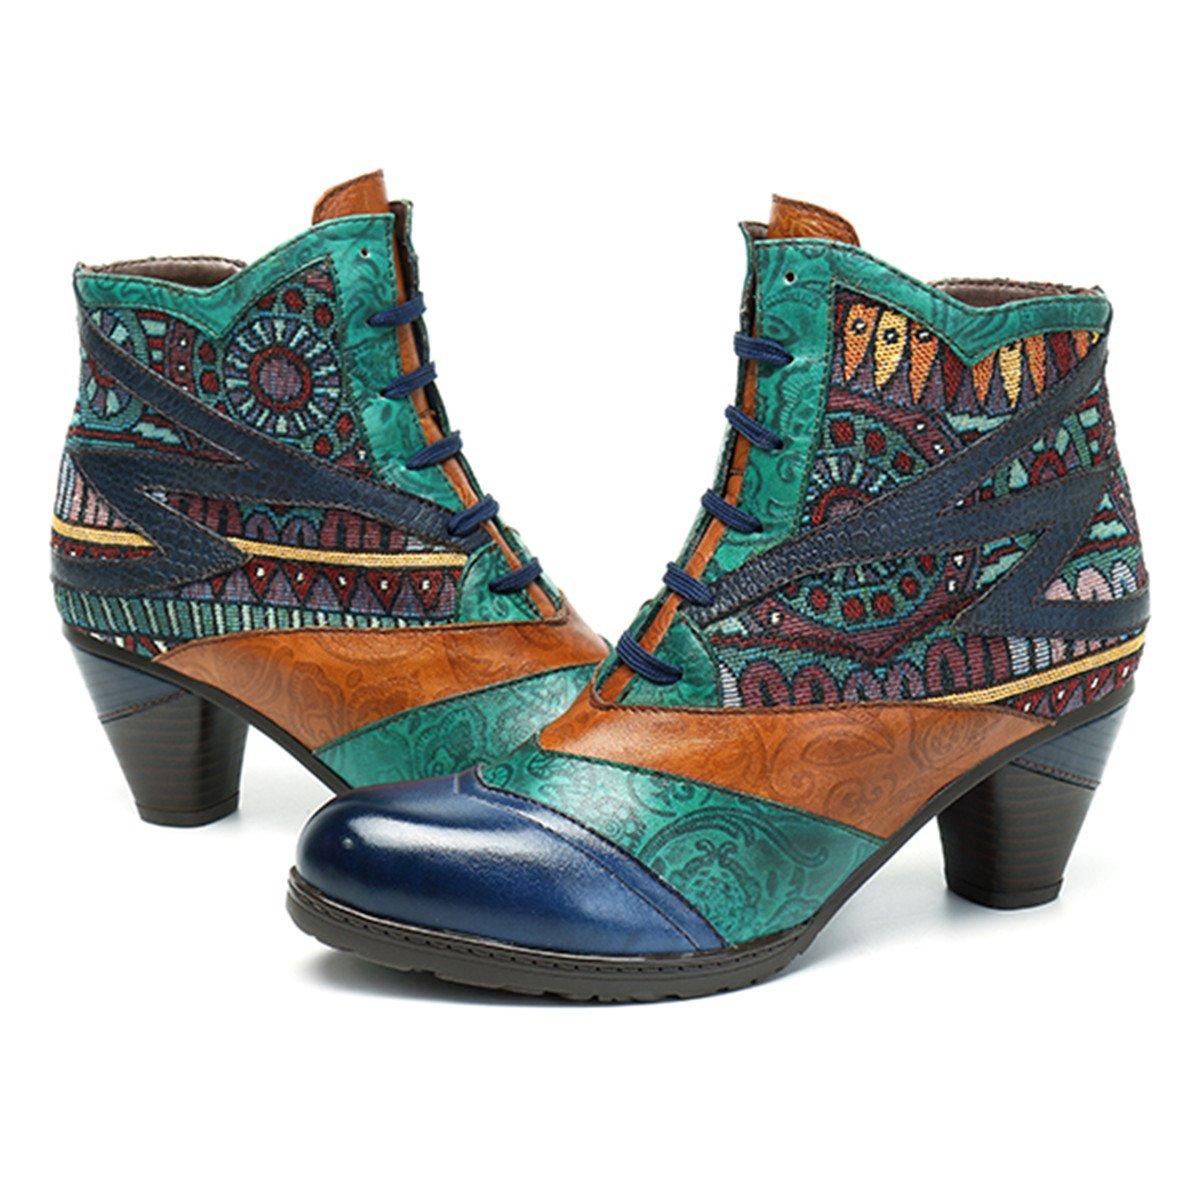 Socofy Botines De Cuero, Zapatos De Invierno De Cuero para Mujeres Botas Oxford Ocasionales Botines Cálidos con Botas De Bohemia Zapatos De Tacón De Cuero con Tacón Azul Oscuro